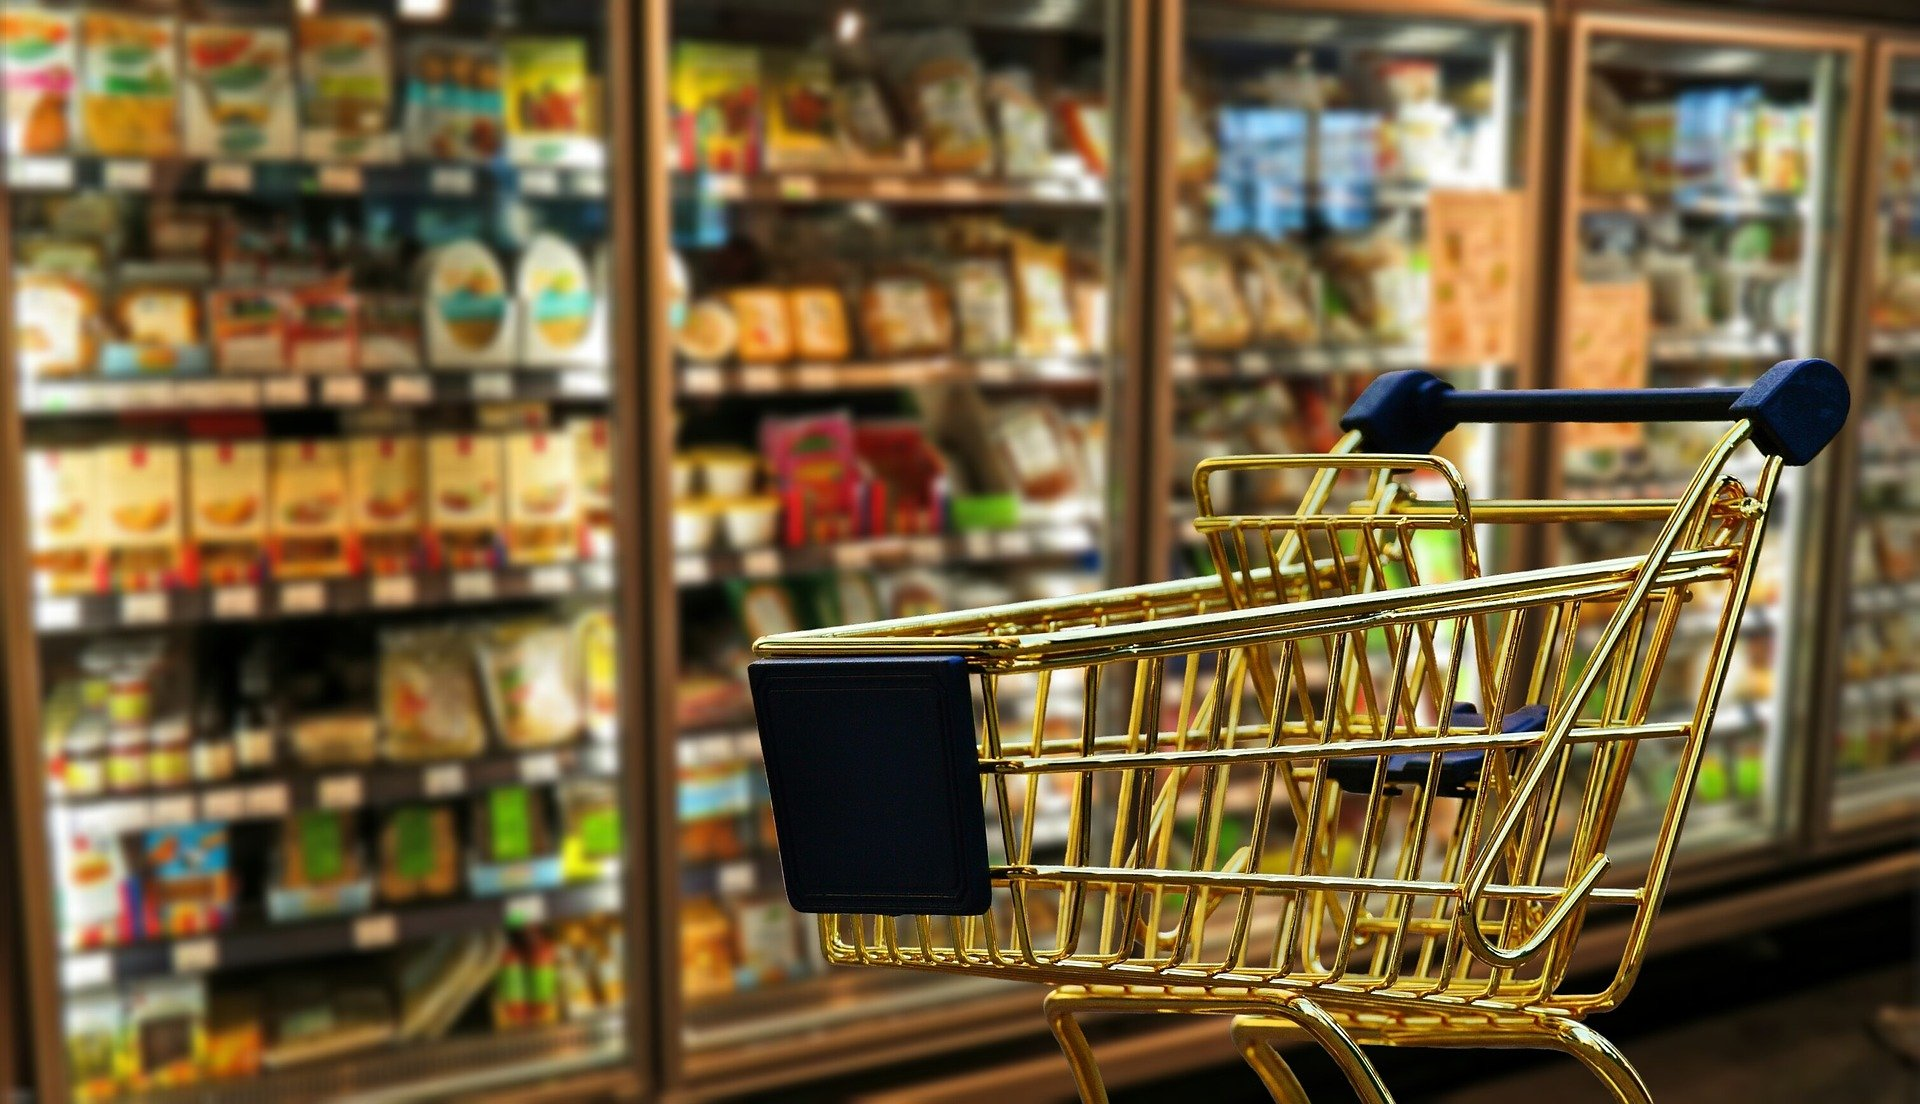 В магазинах подорожают  товары из-за удорожания упаковки